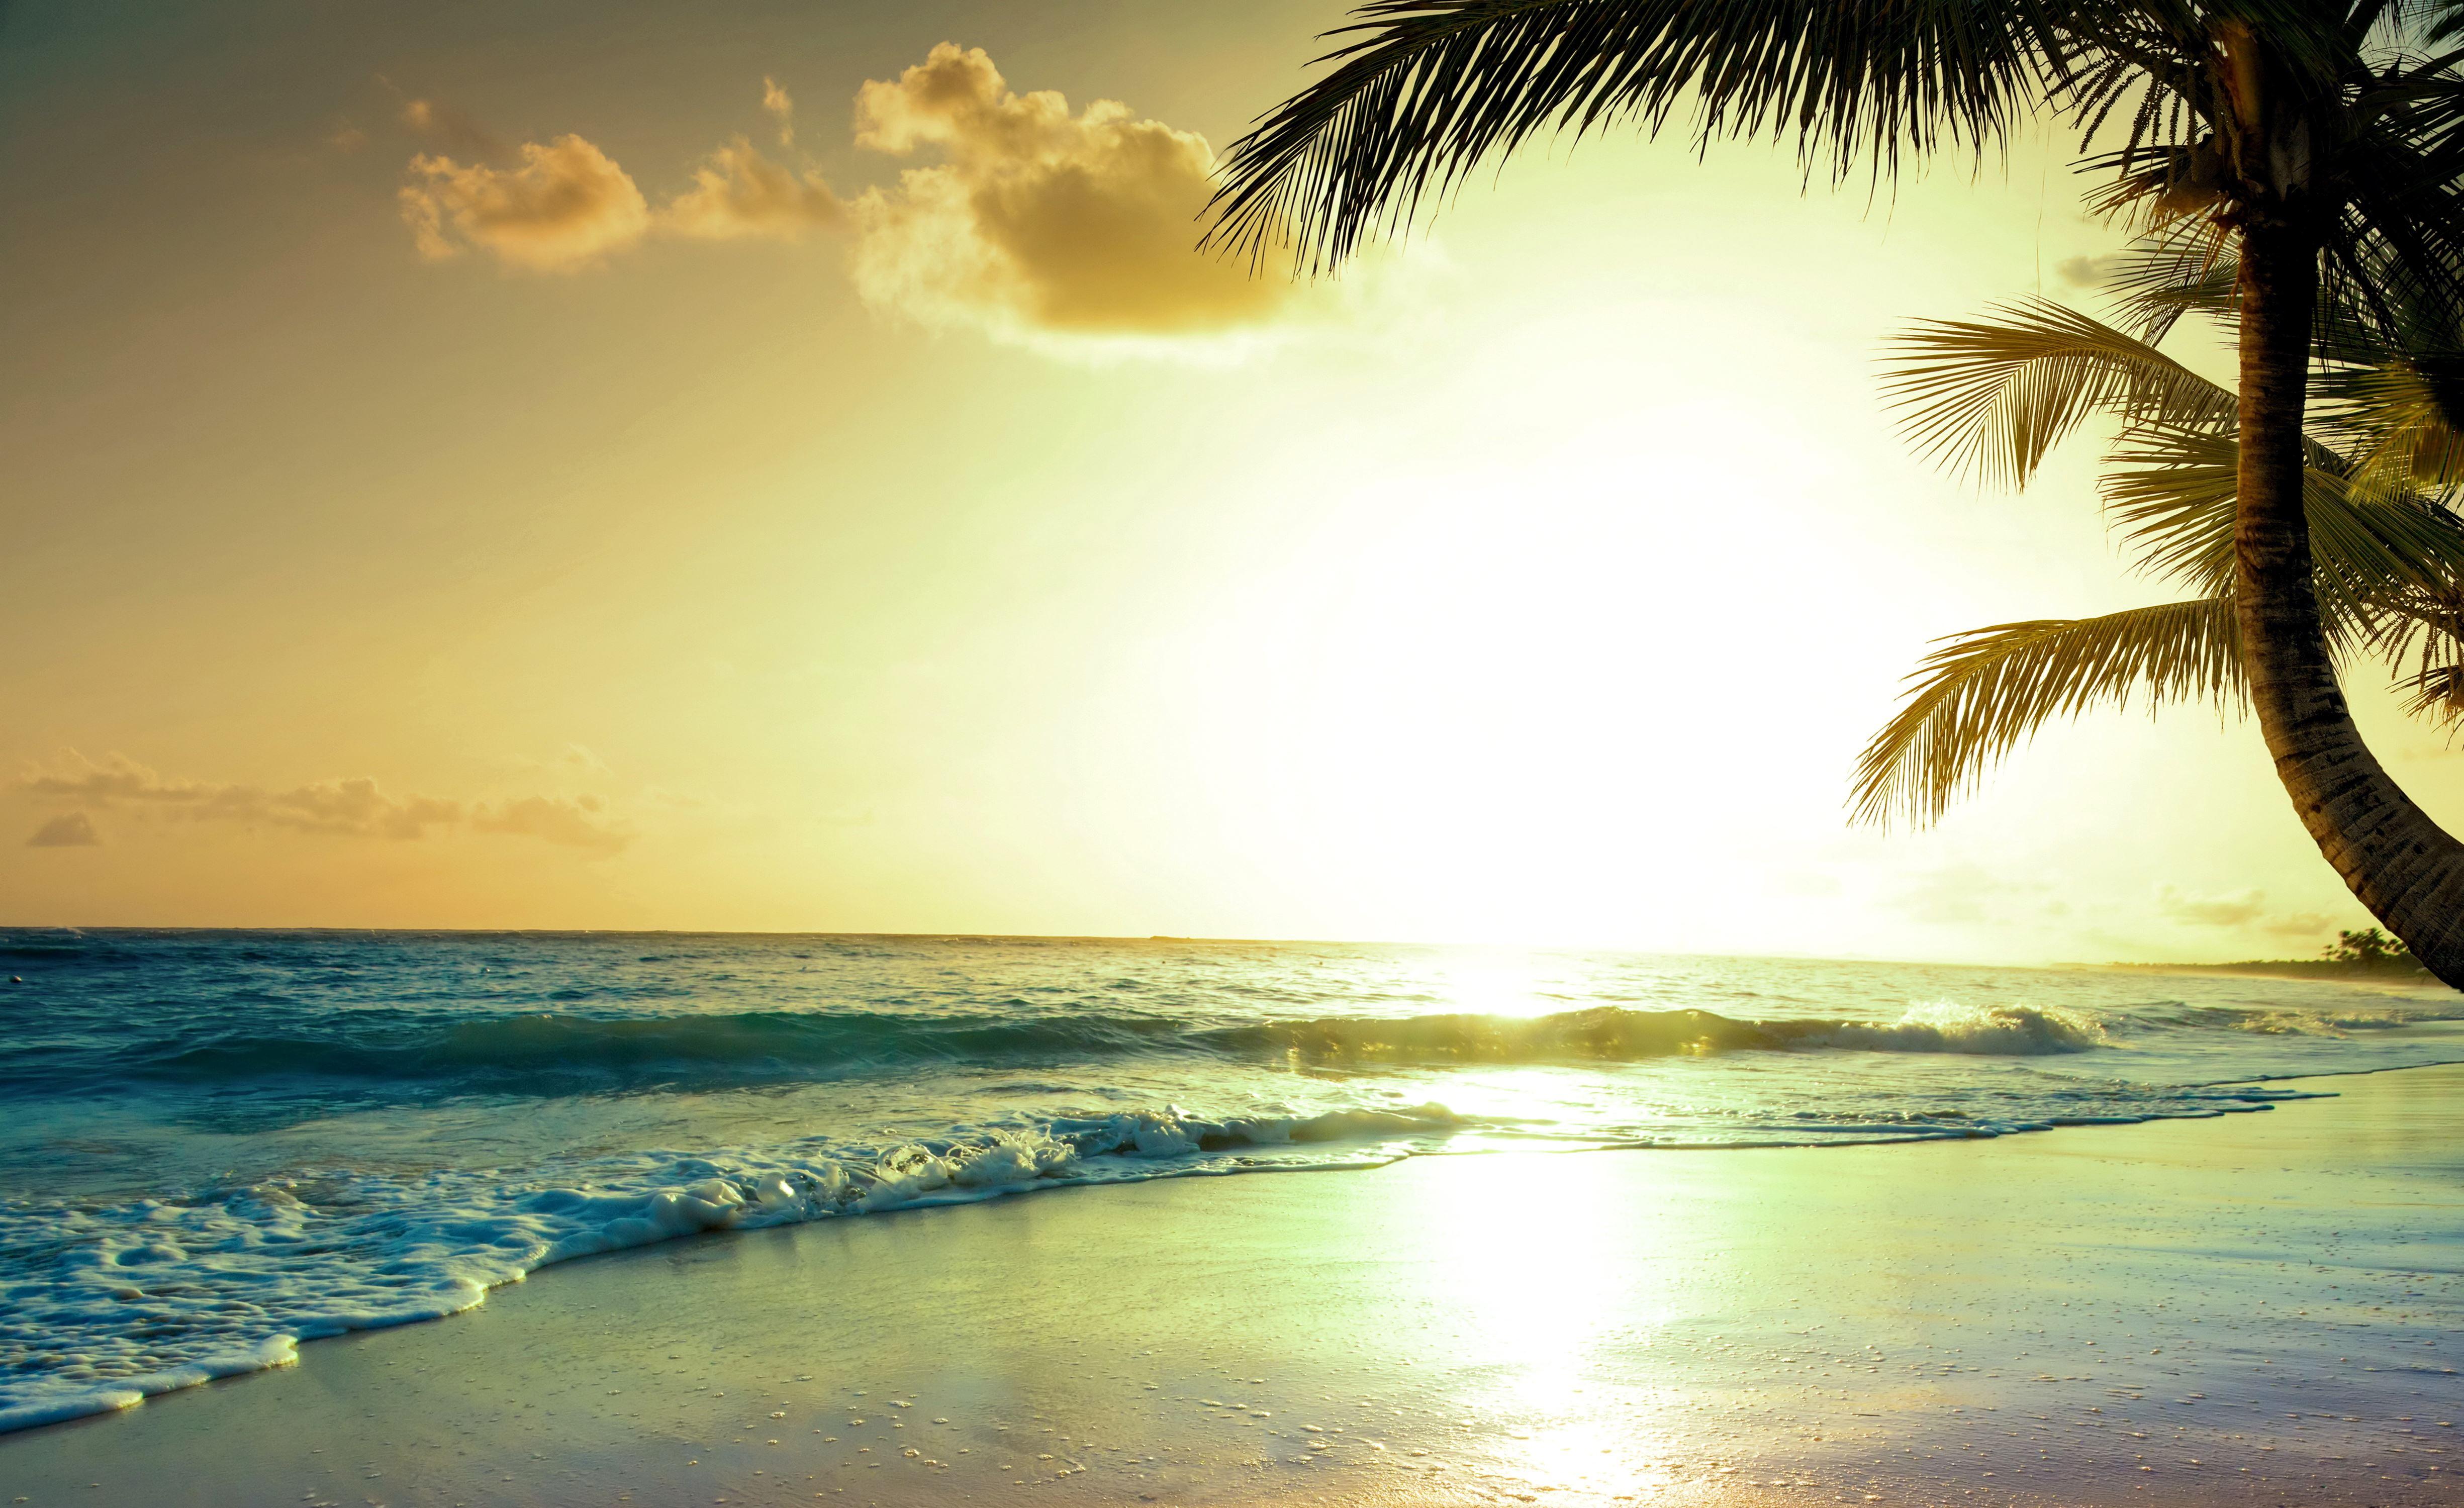 2048x1152 Tropical Beach Sunset 4k 2048x1152 Resolution HD ...